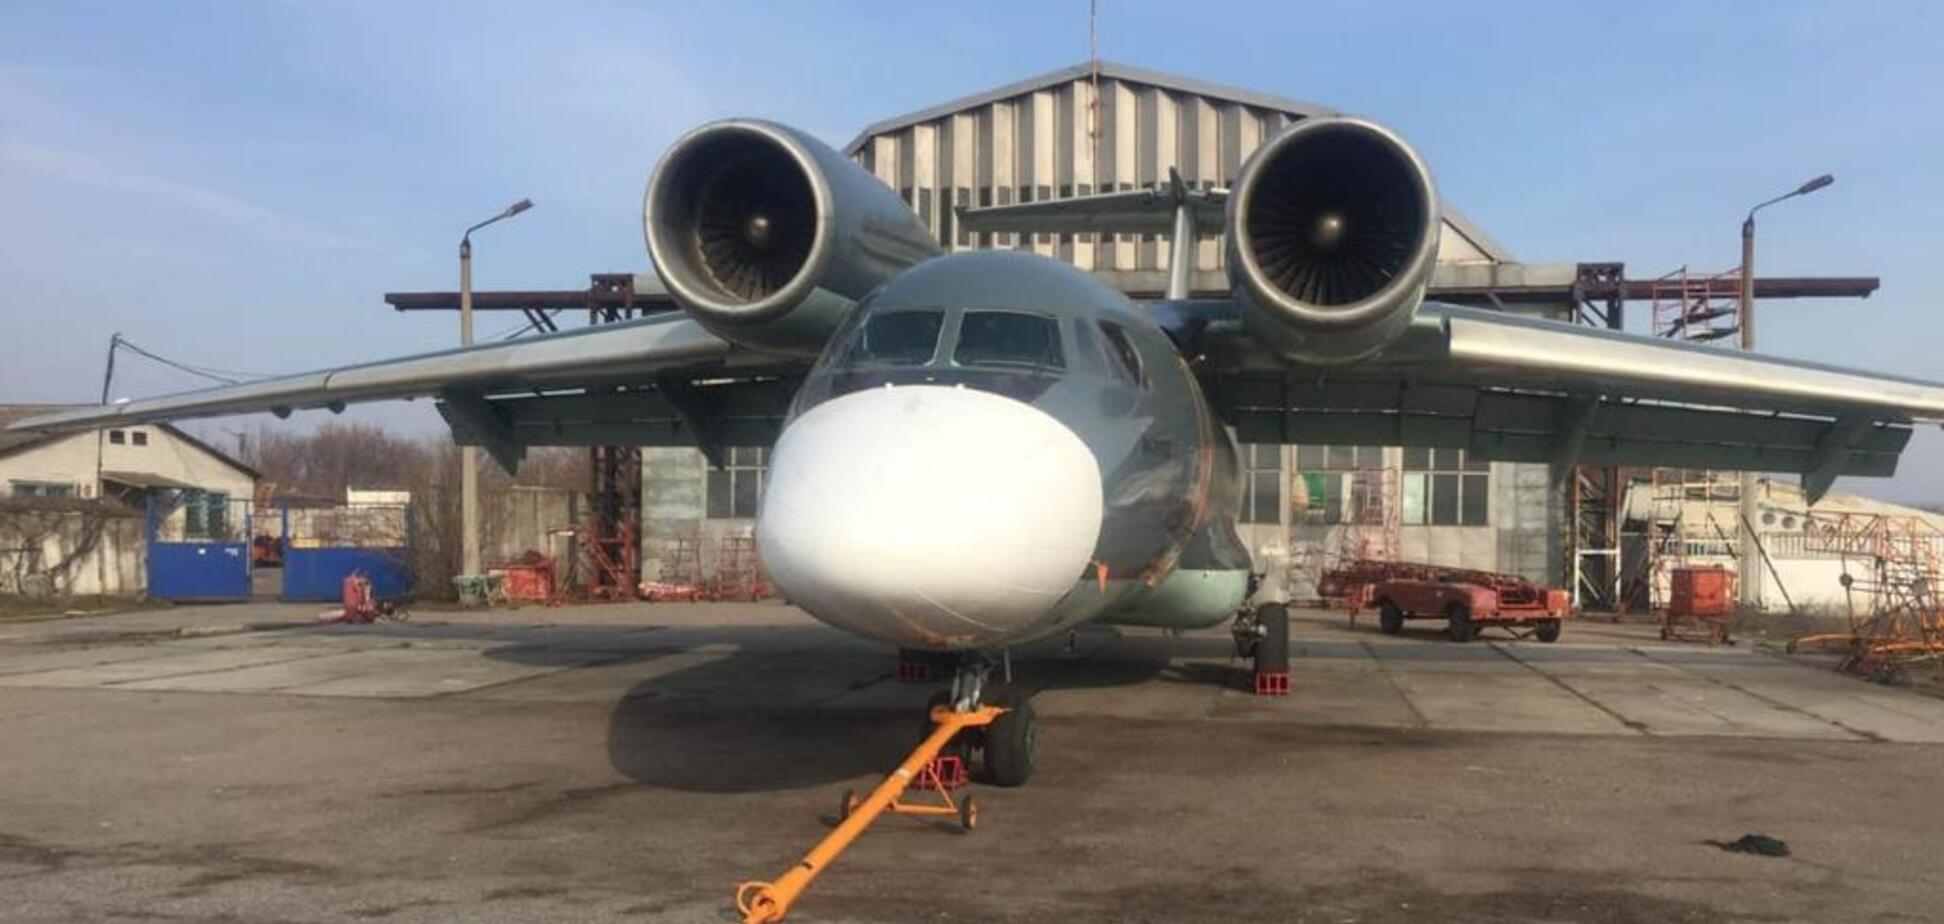 Опасные самолеты и смертельные полеты 'Южных авиалиний': СМИ провели расследование